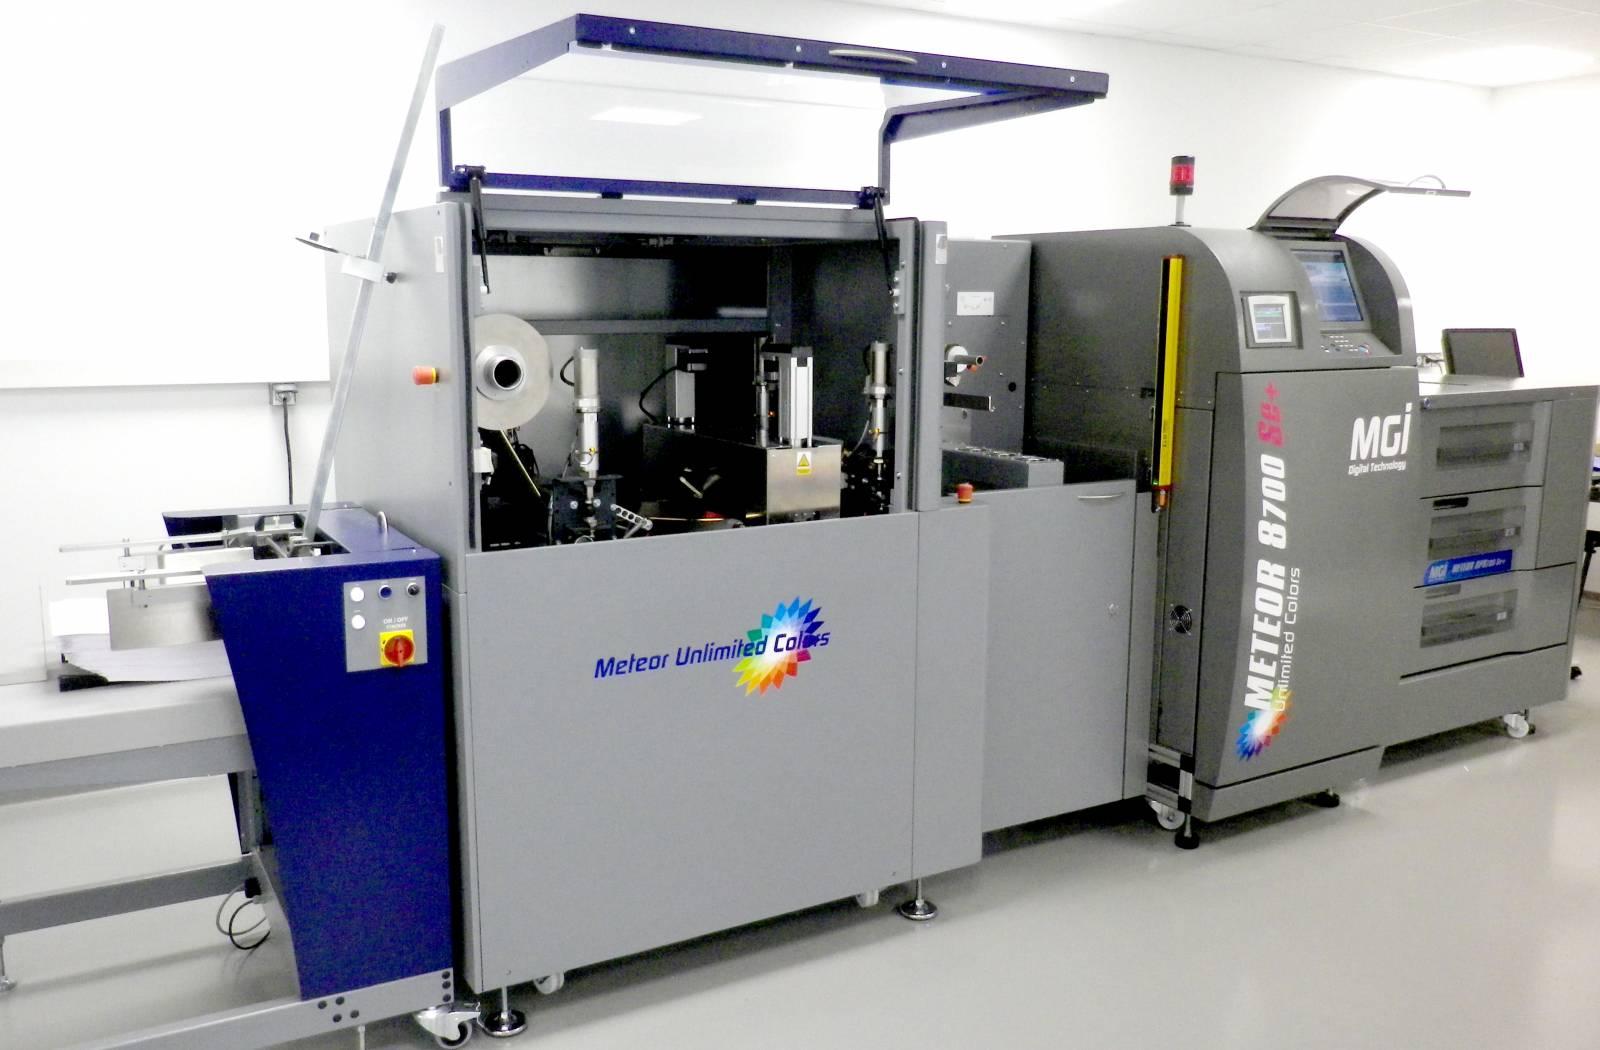 Imprimerie numérique au cœur d'Avignon